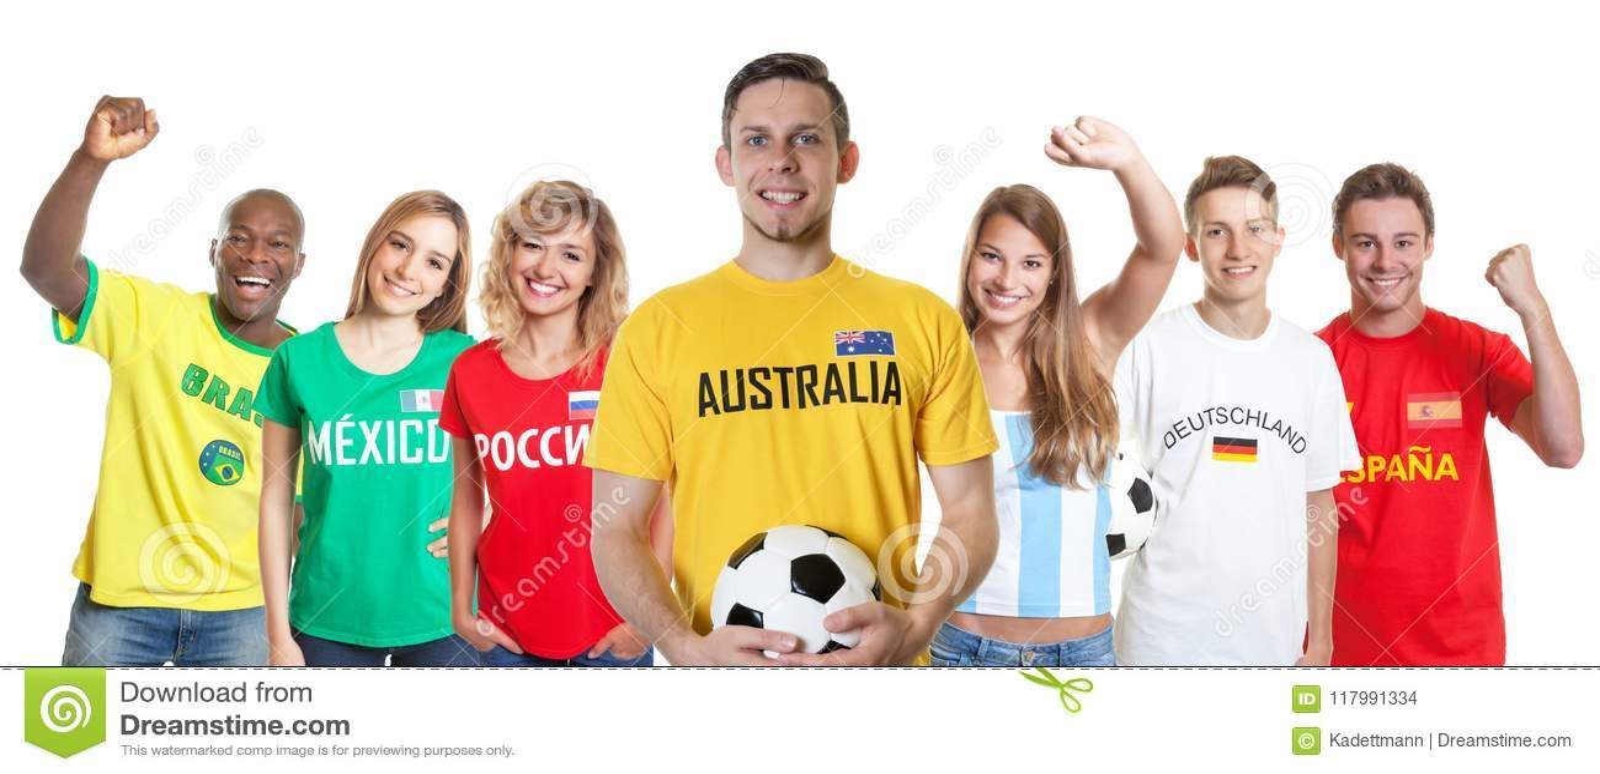 Αυστραλιανός υποστηρικτής ποδοσφαίρου με τους ανεμιστήρες από άλλες χώρες